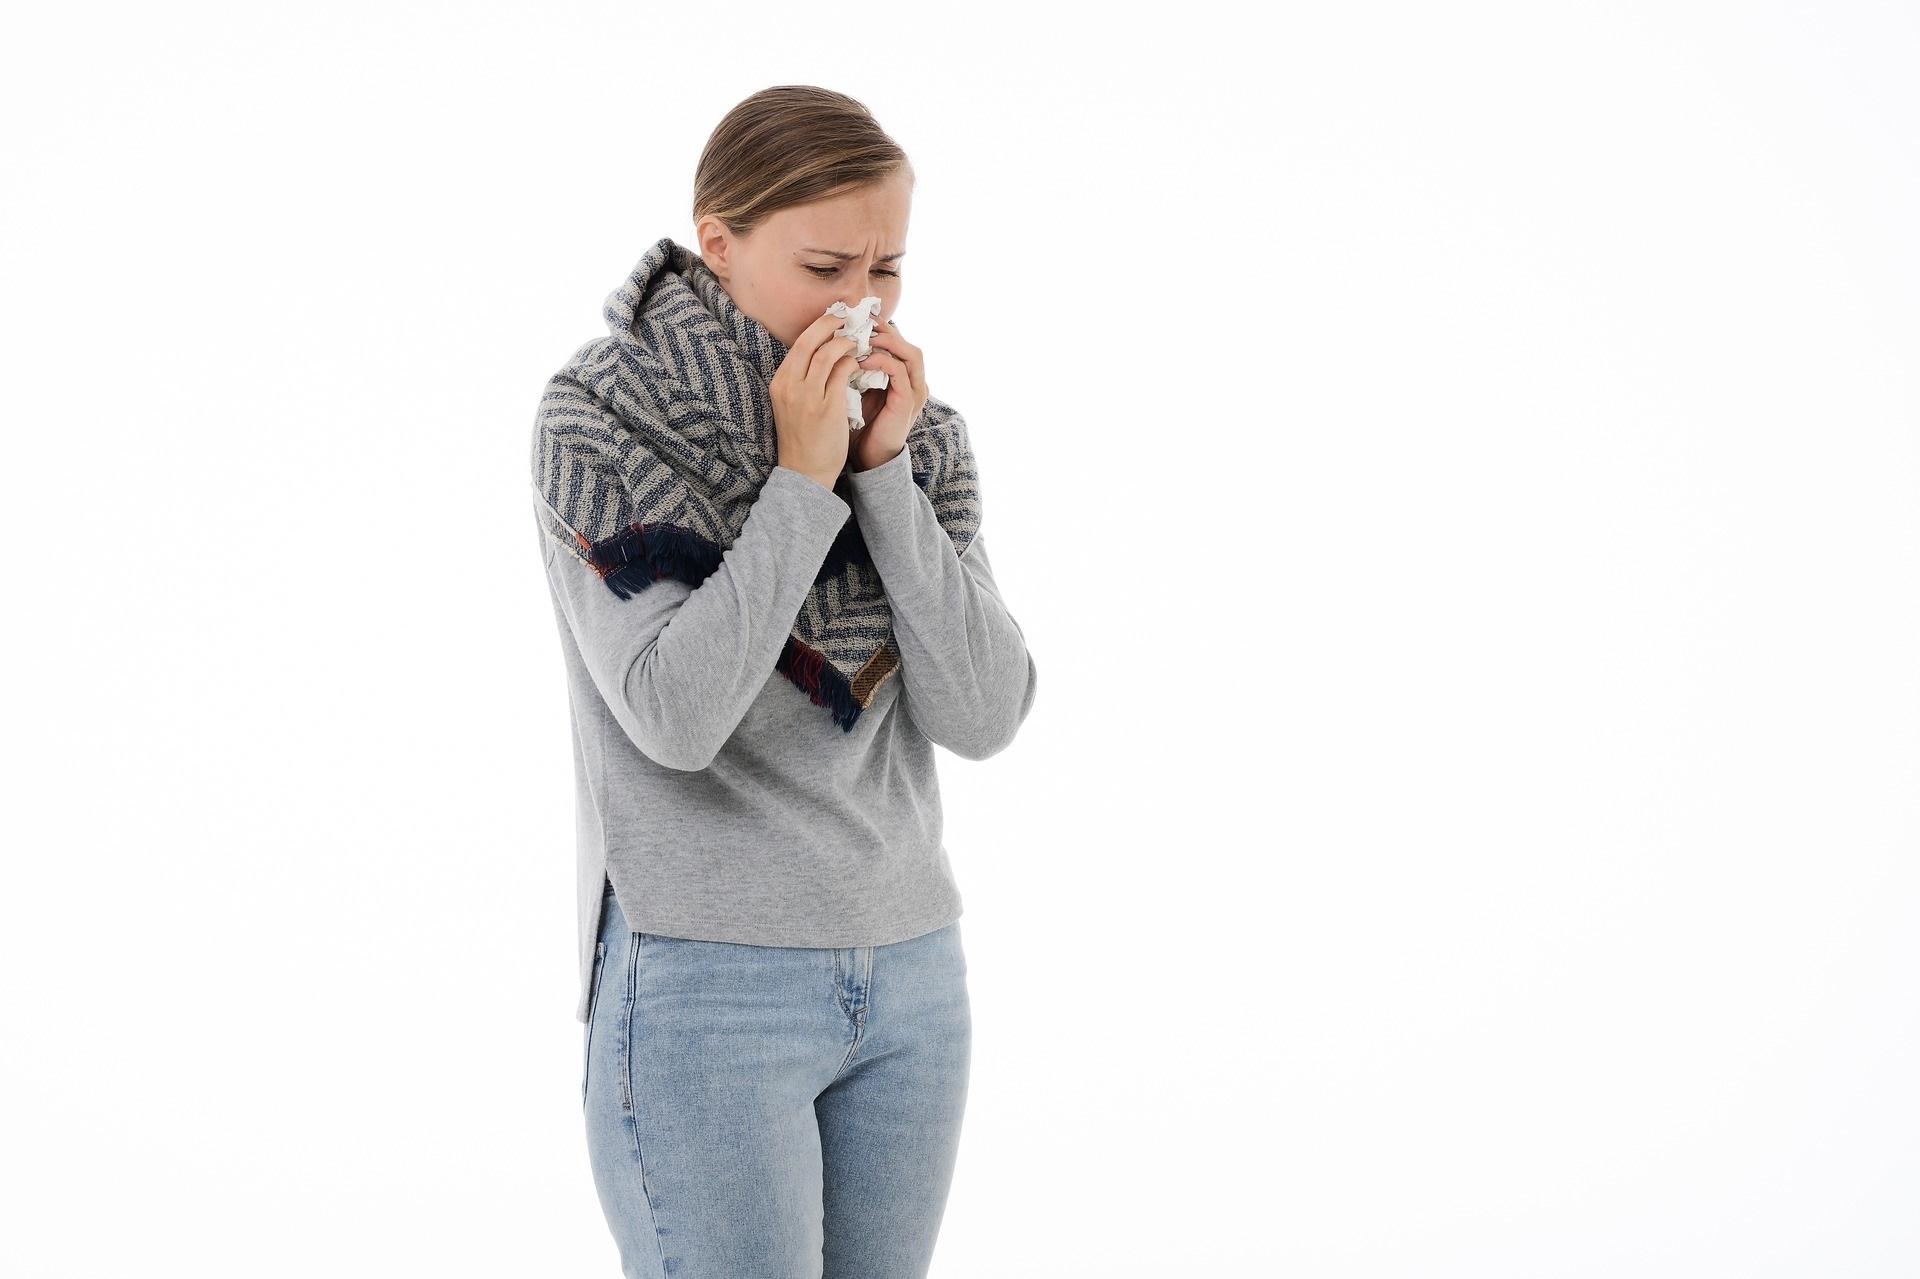 4147 человек в Костромской области заболели ОРВИ за неделю